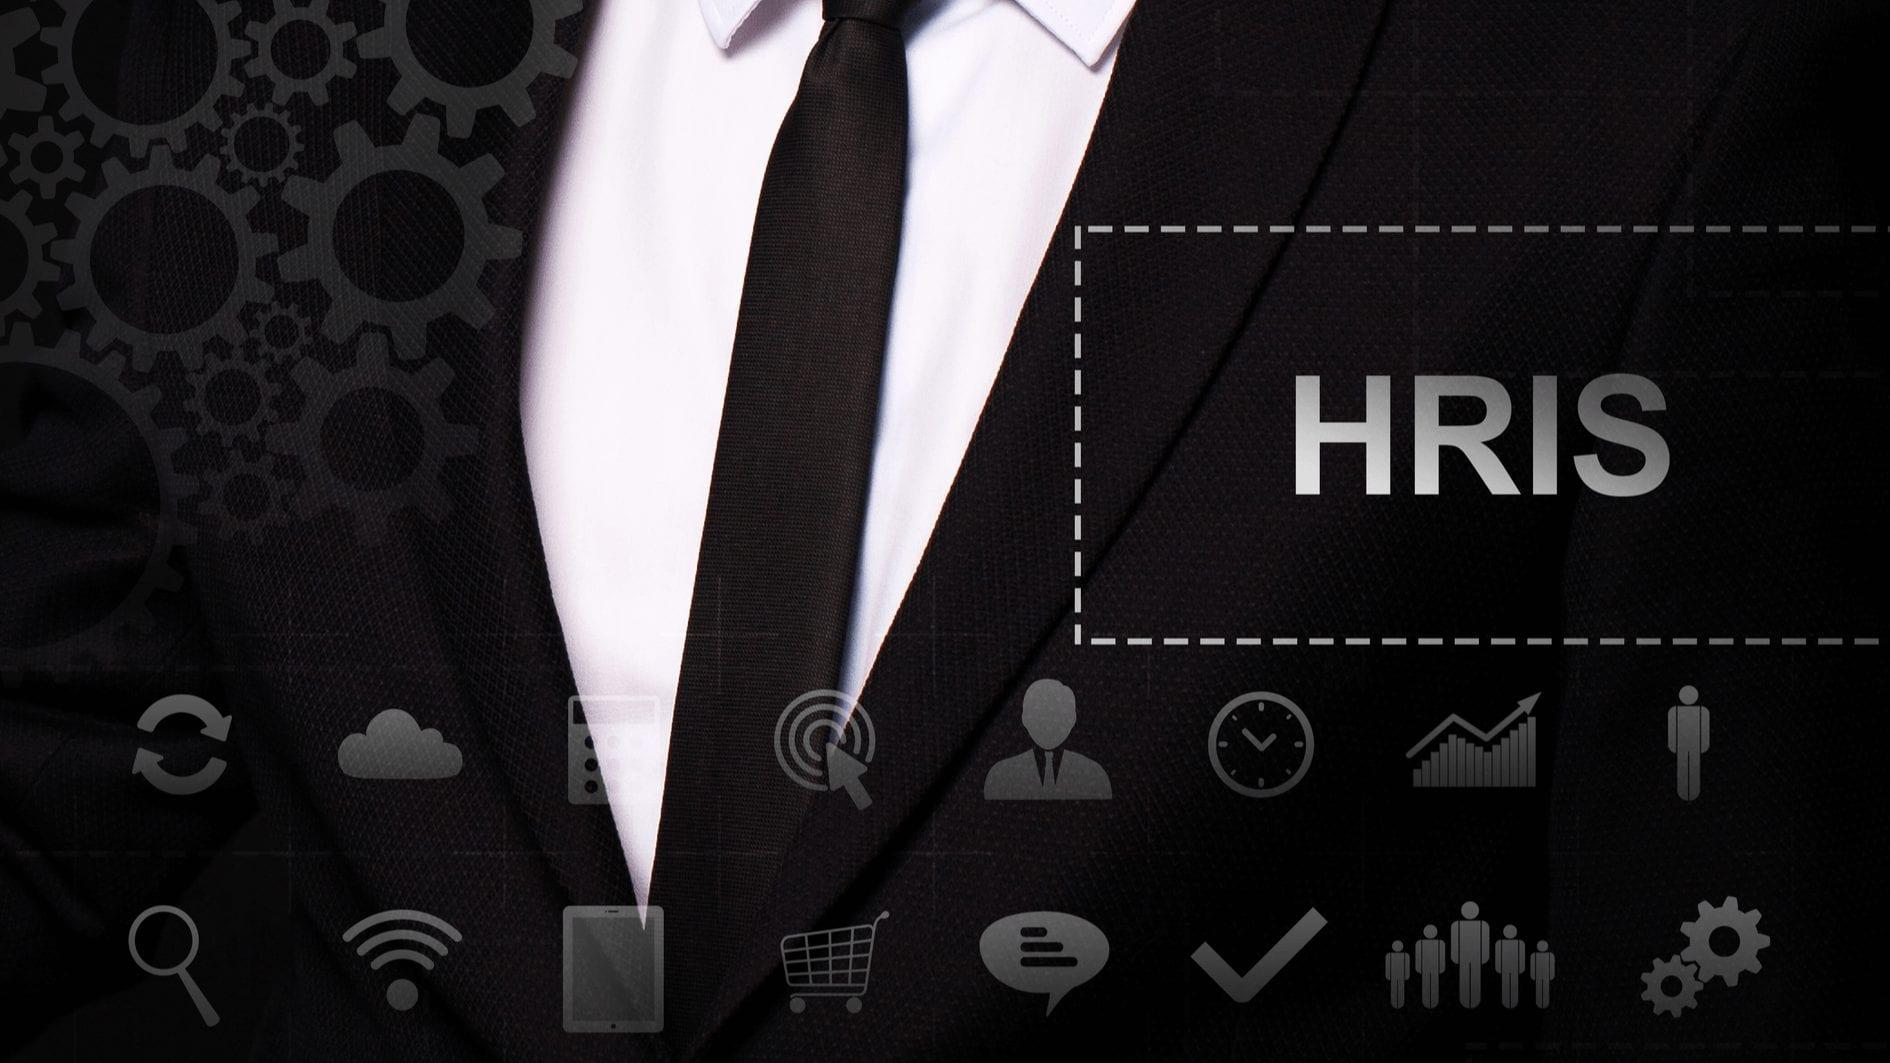 HR Manager harus bisa mengambil langkah yang diperlukan untuk memastikan karyawan dapat bekerja dengan nyaman, serta menjadi mediator jika terdapat konflik antar karyawan.